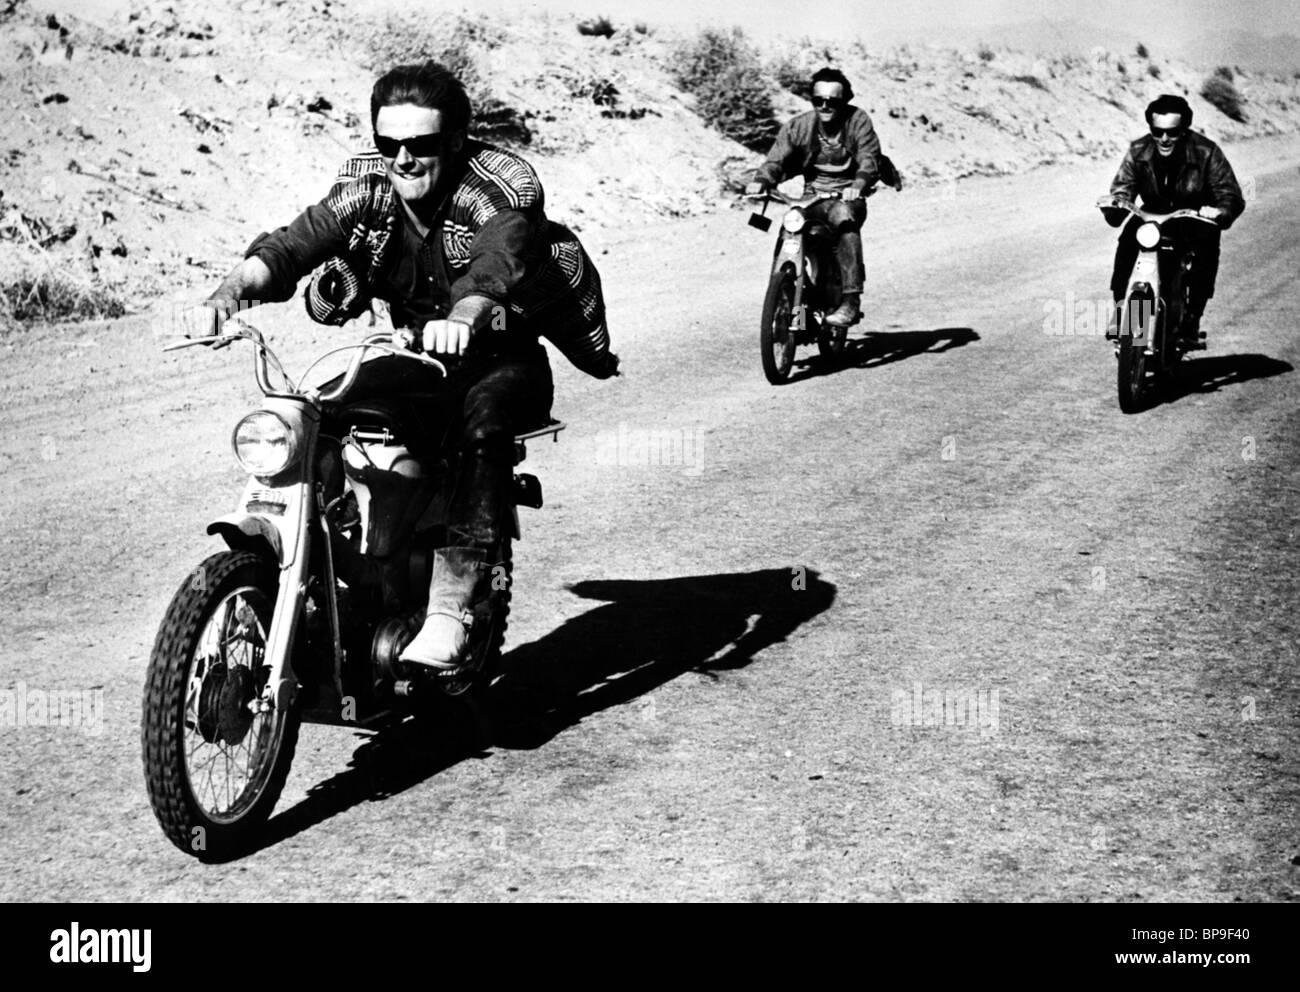 FILM-SZENE MOTOR PSYCHO (1965) Stockbild